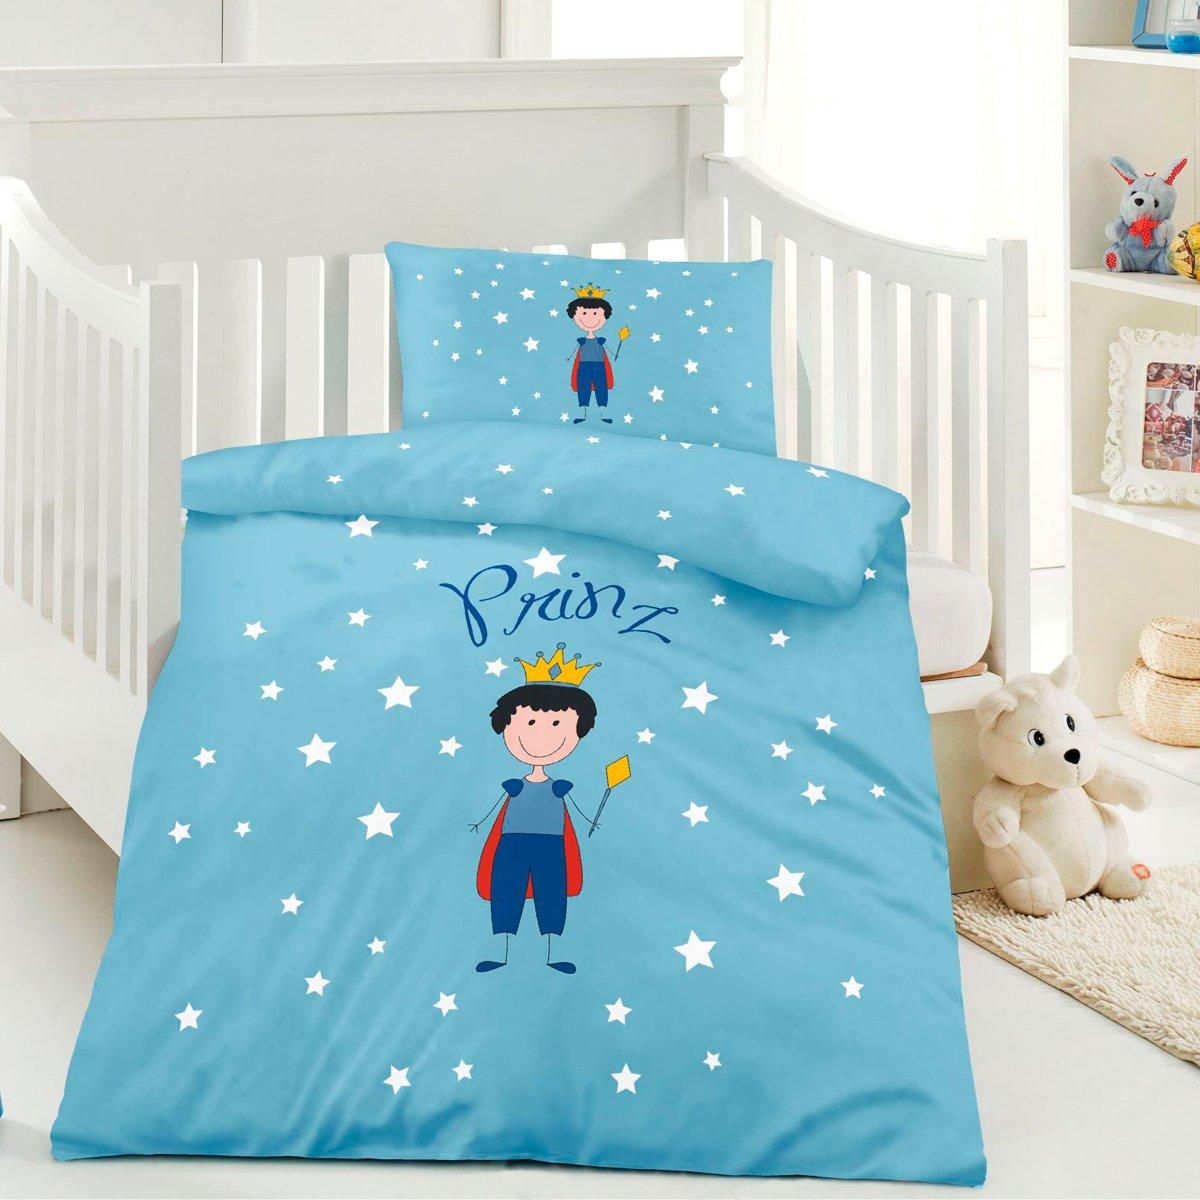 optidream Kinder Bettwäsche Prinz Blau 100x135 + 40x60 cm